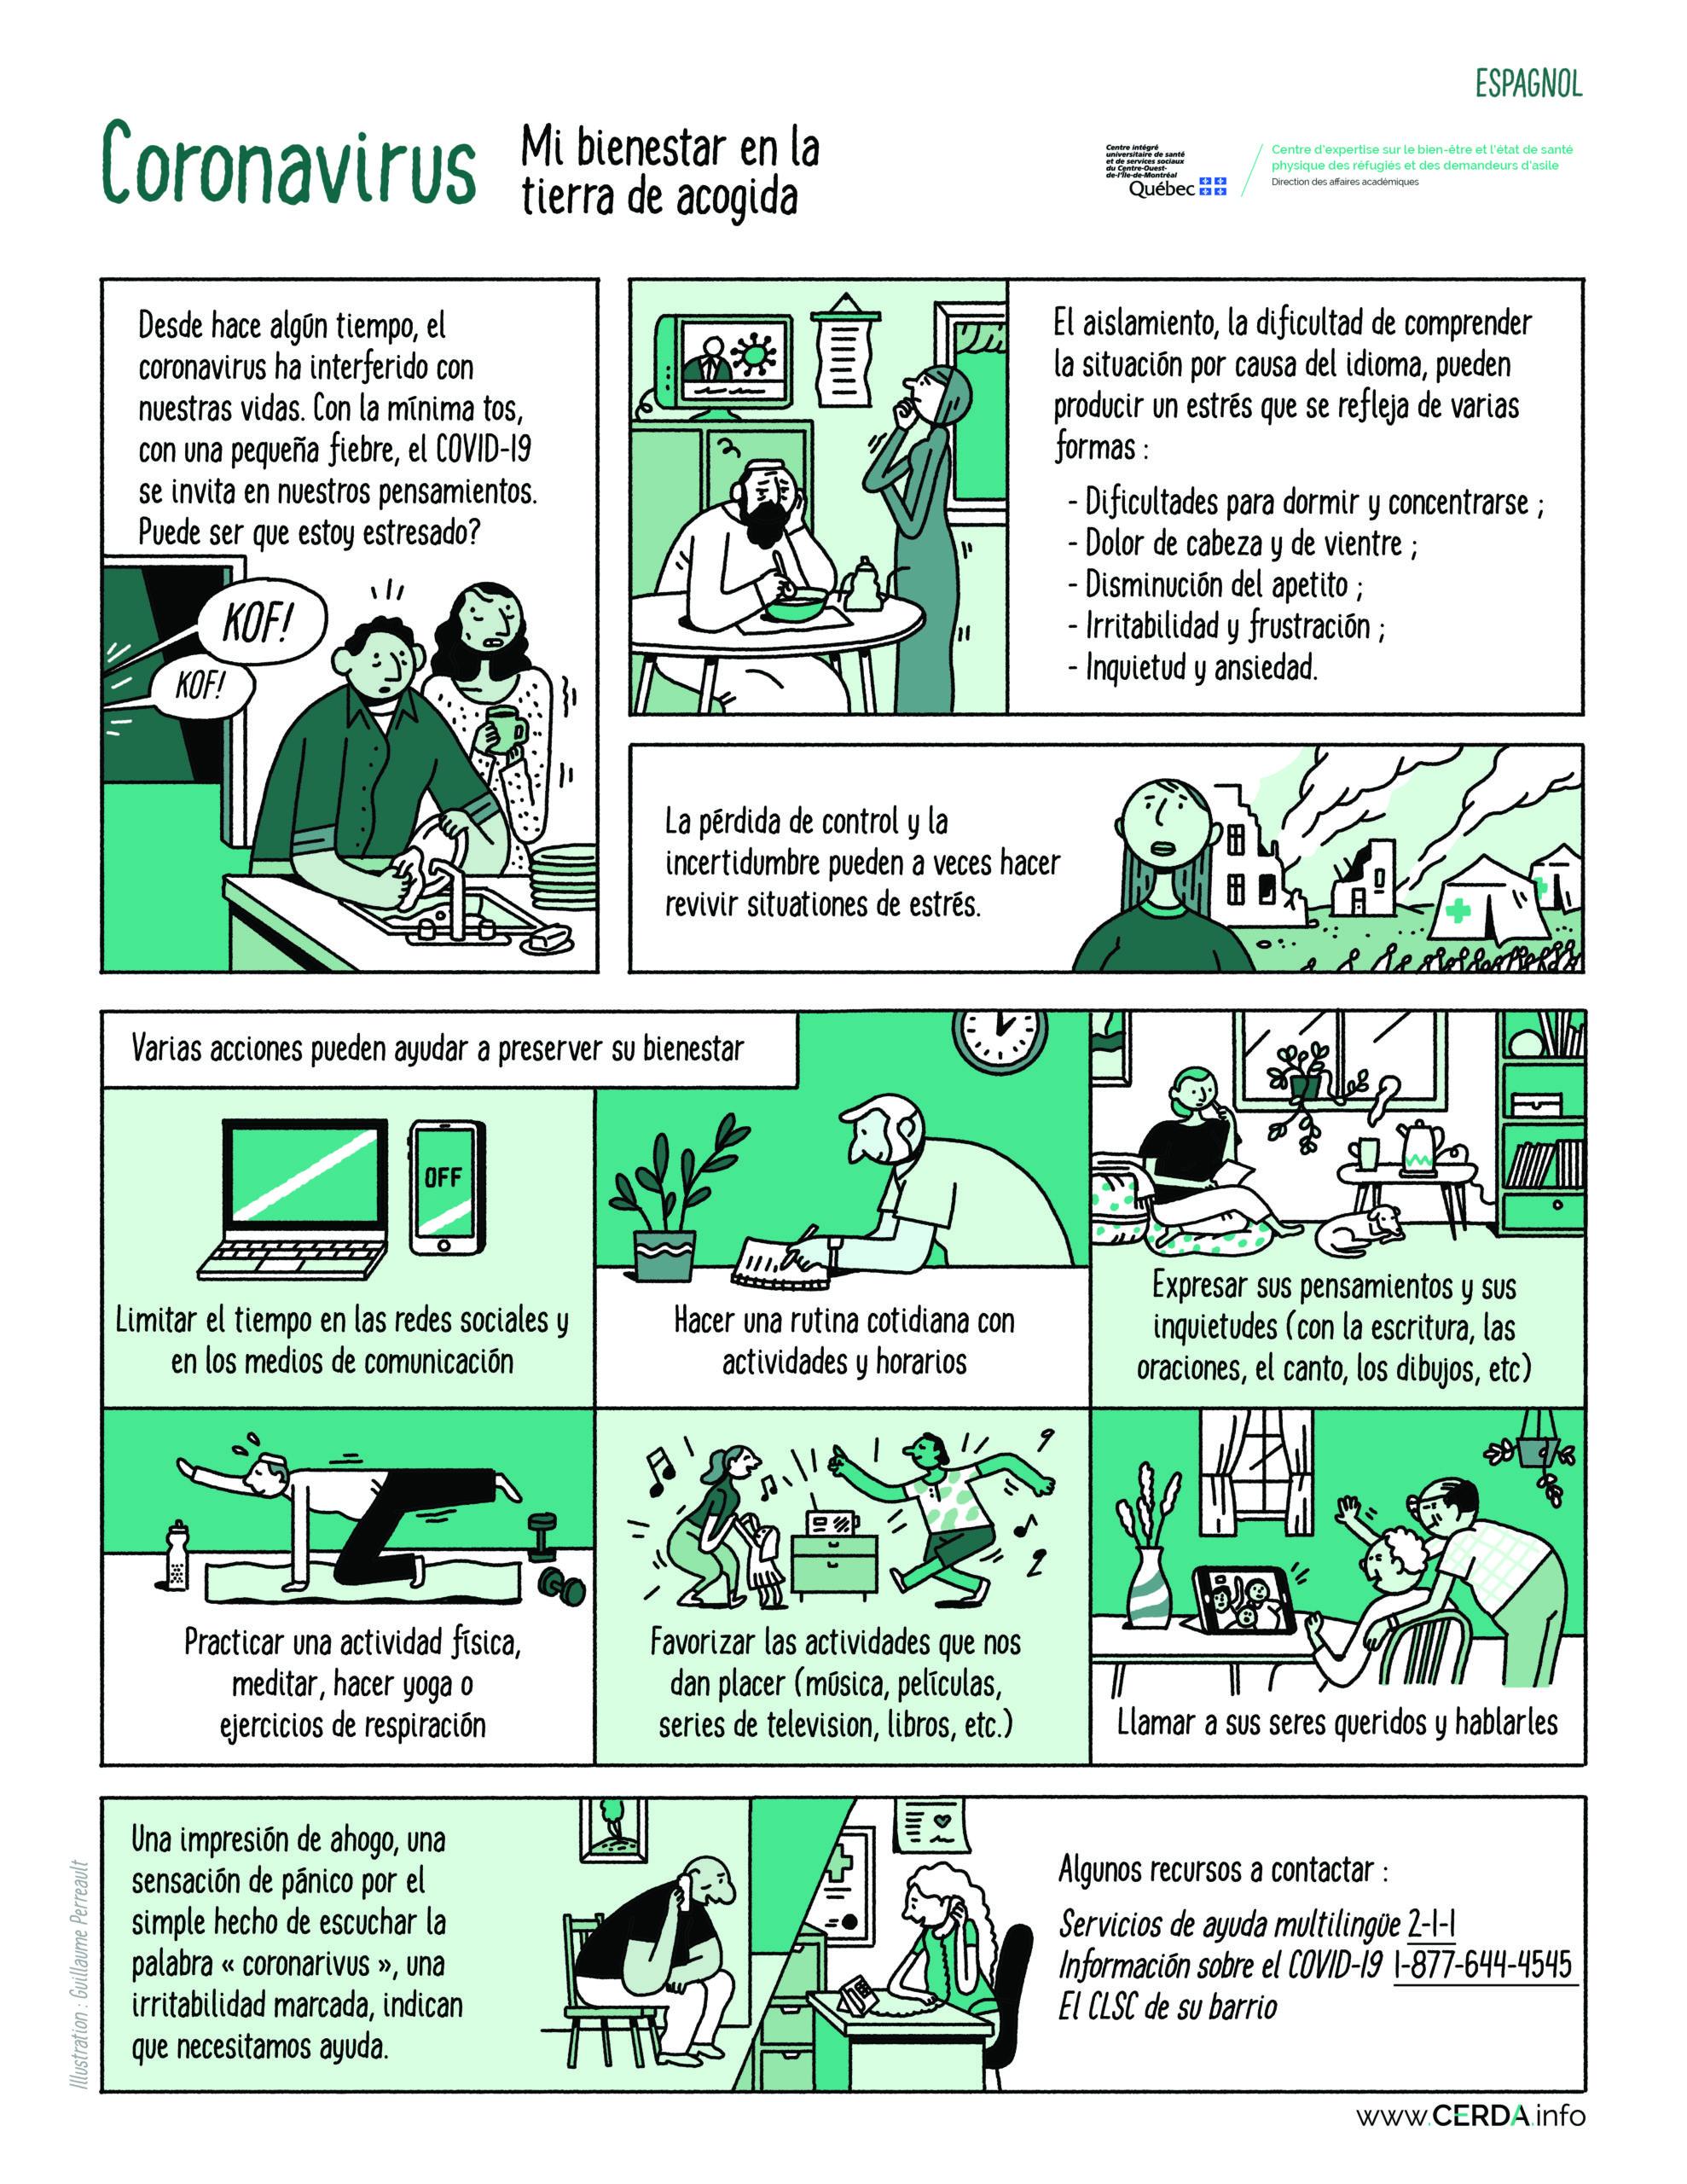 BD - Coronavirus, mon bien-être en terre d'accueil - Espagnol